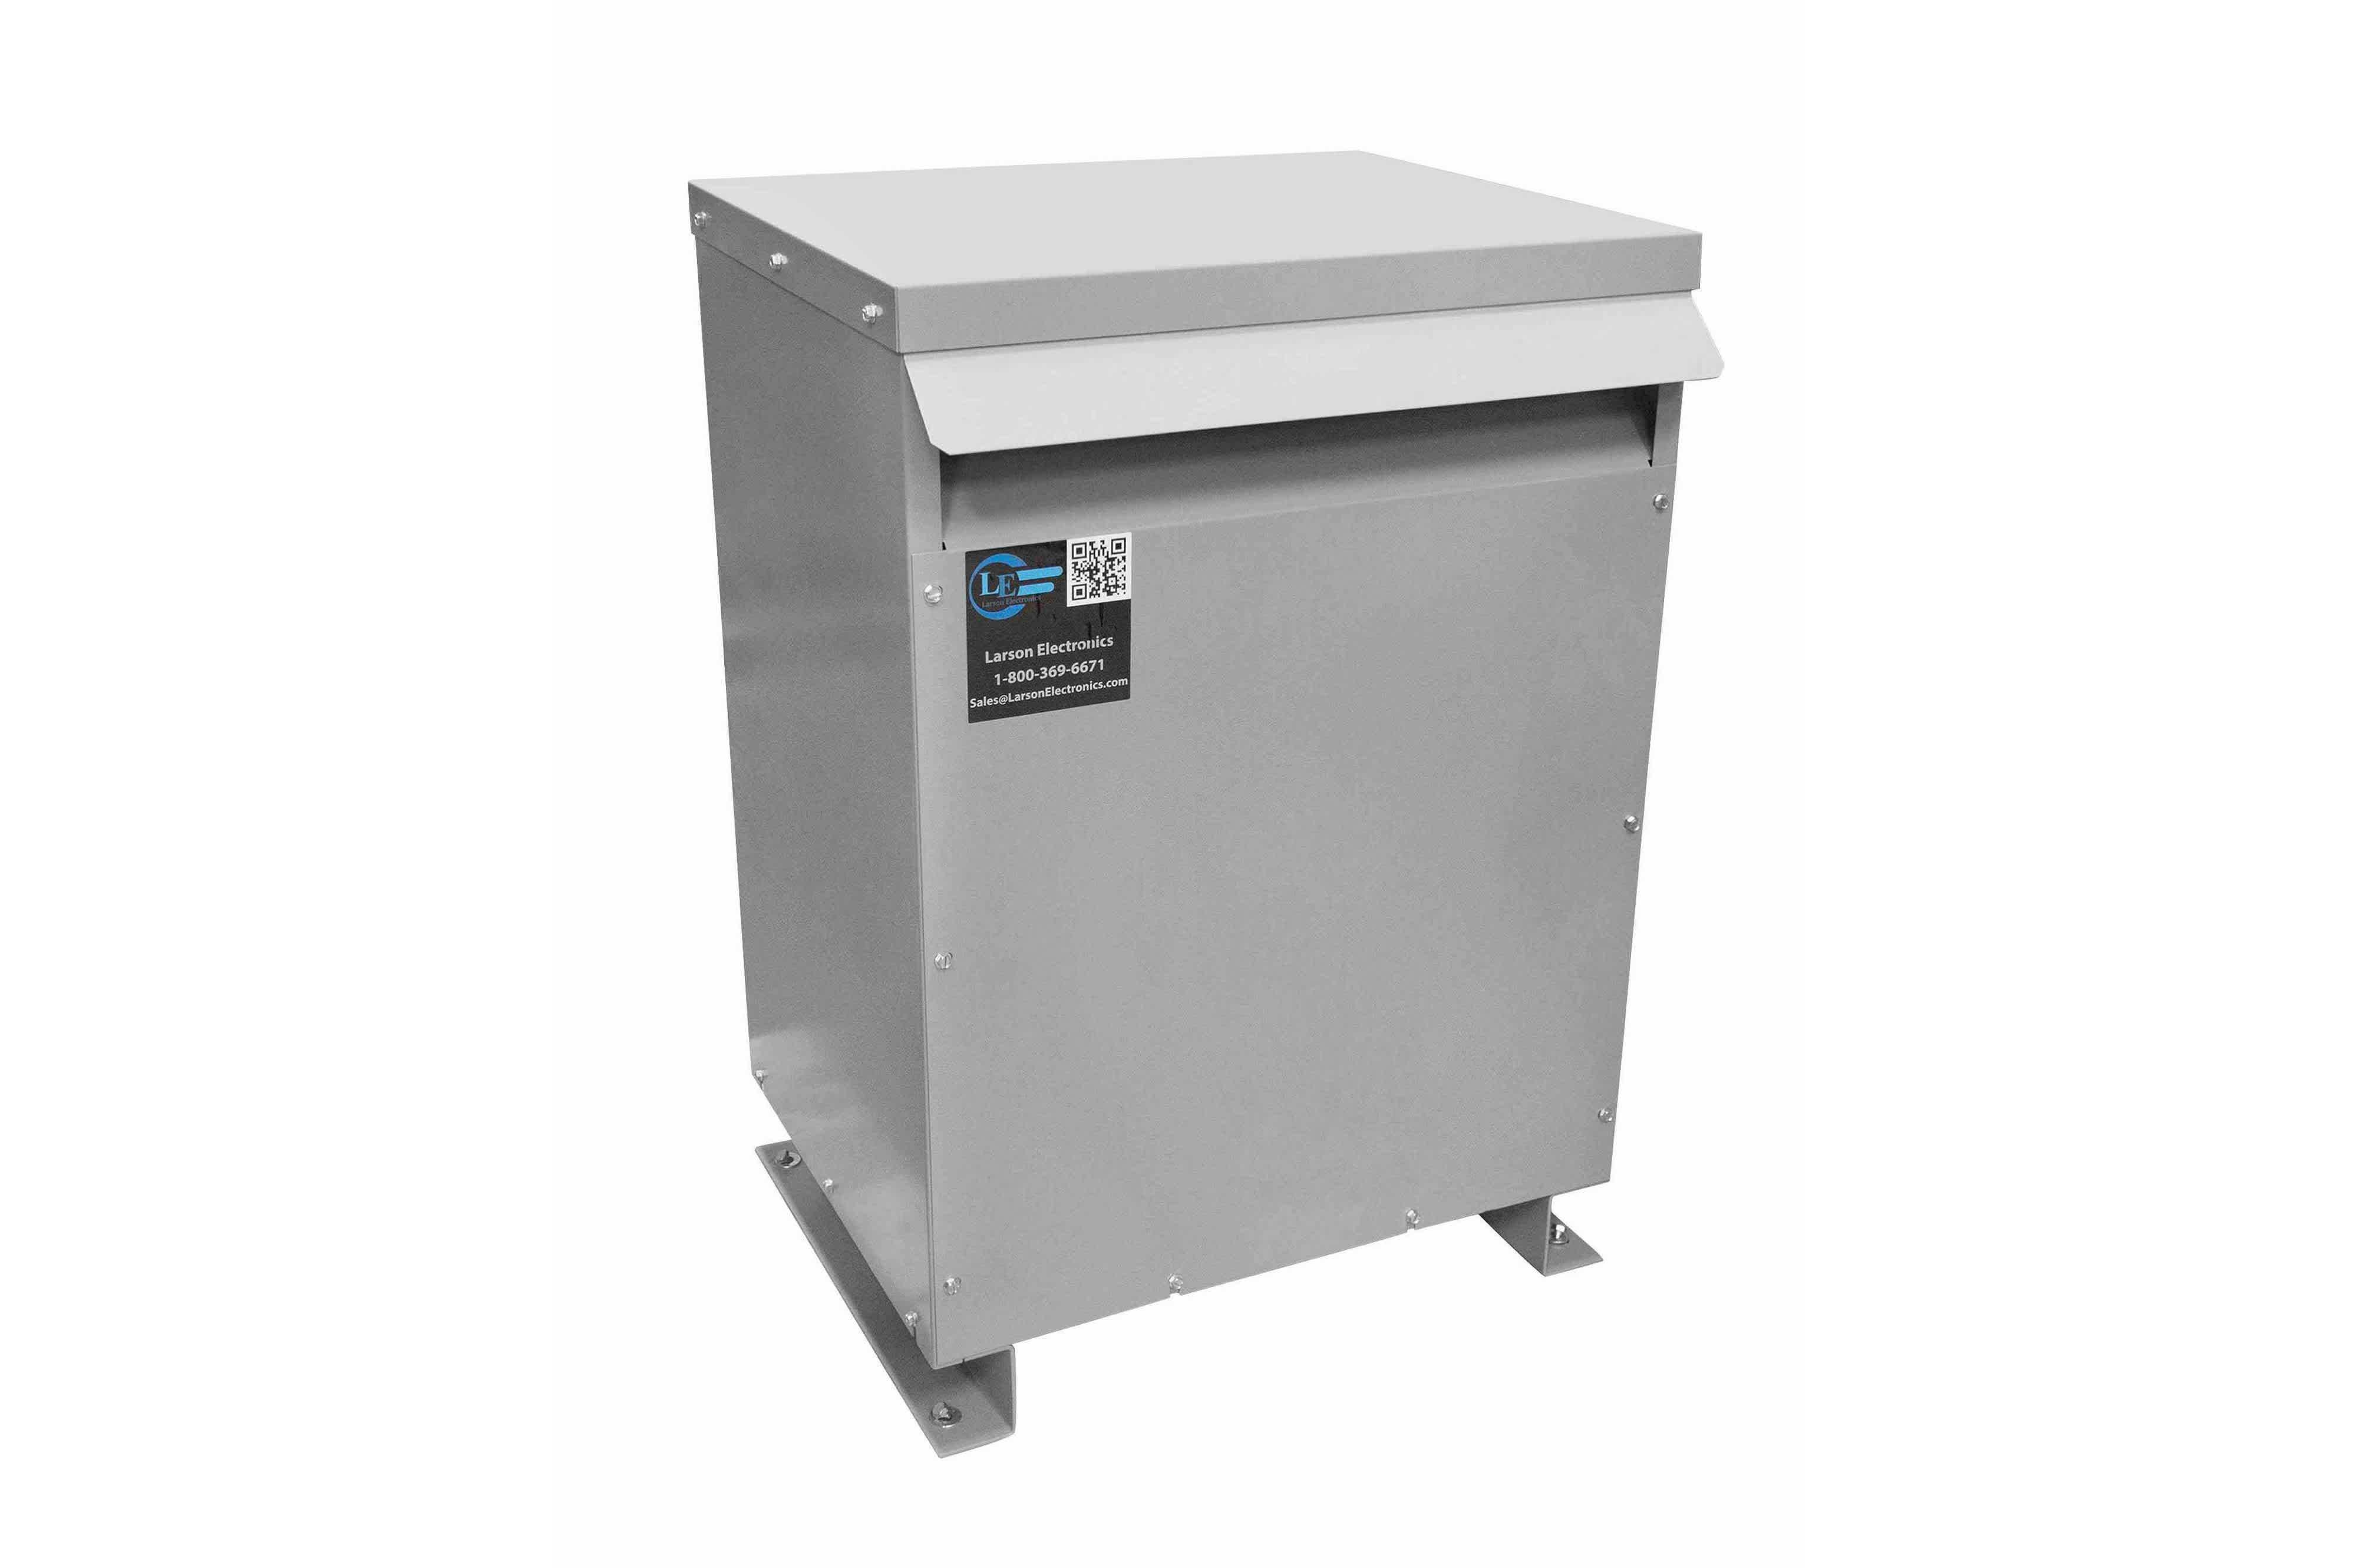 237.5 kVA 3PH Isolation Transformer, 460V Delta Primary, 400V Delta Secondary, N3R, Ventilated, 60 Hz